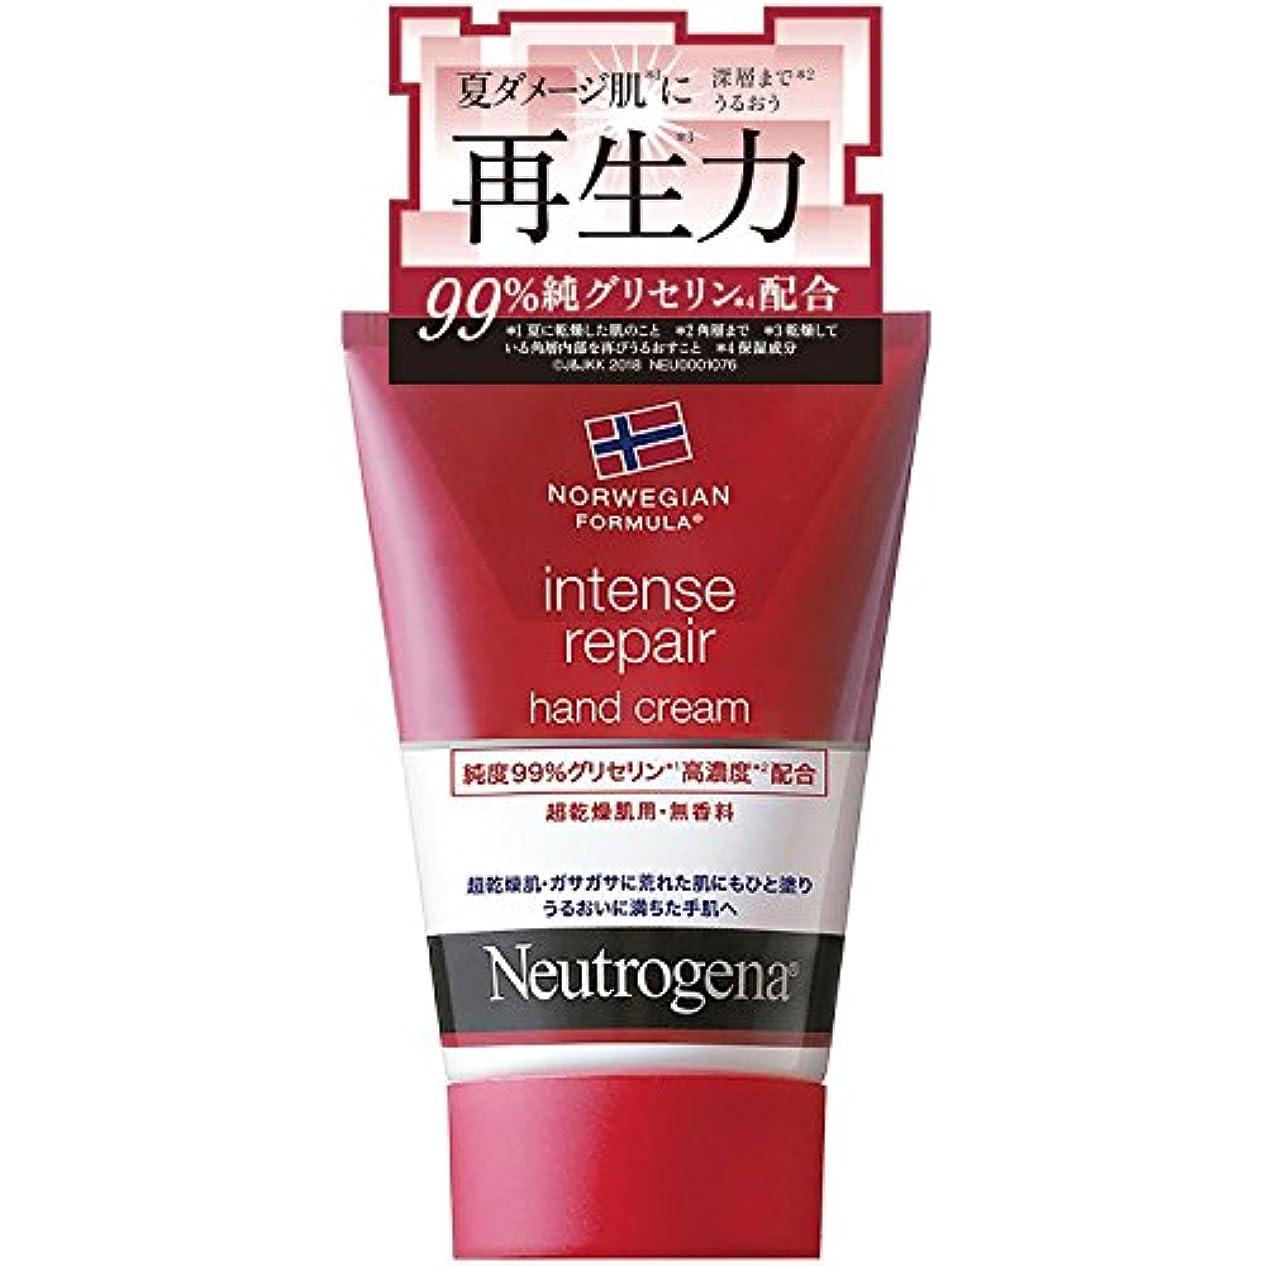 愛されし者電気的原始的なNeutrogena(ニュートロジーナ) ノルウェーフォーミュラ インテンスリペア ハンドクリーム 超乾燥肌用 無香料 単品 50g